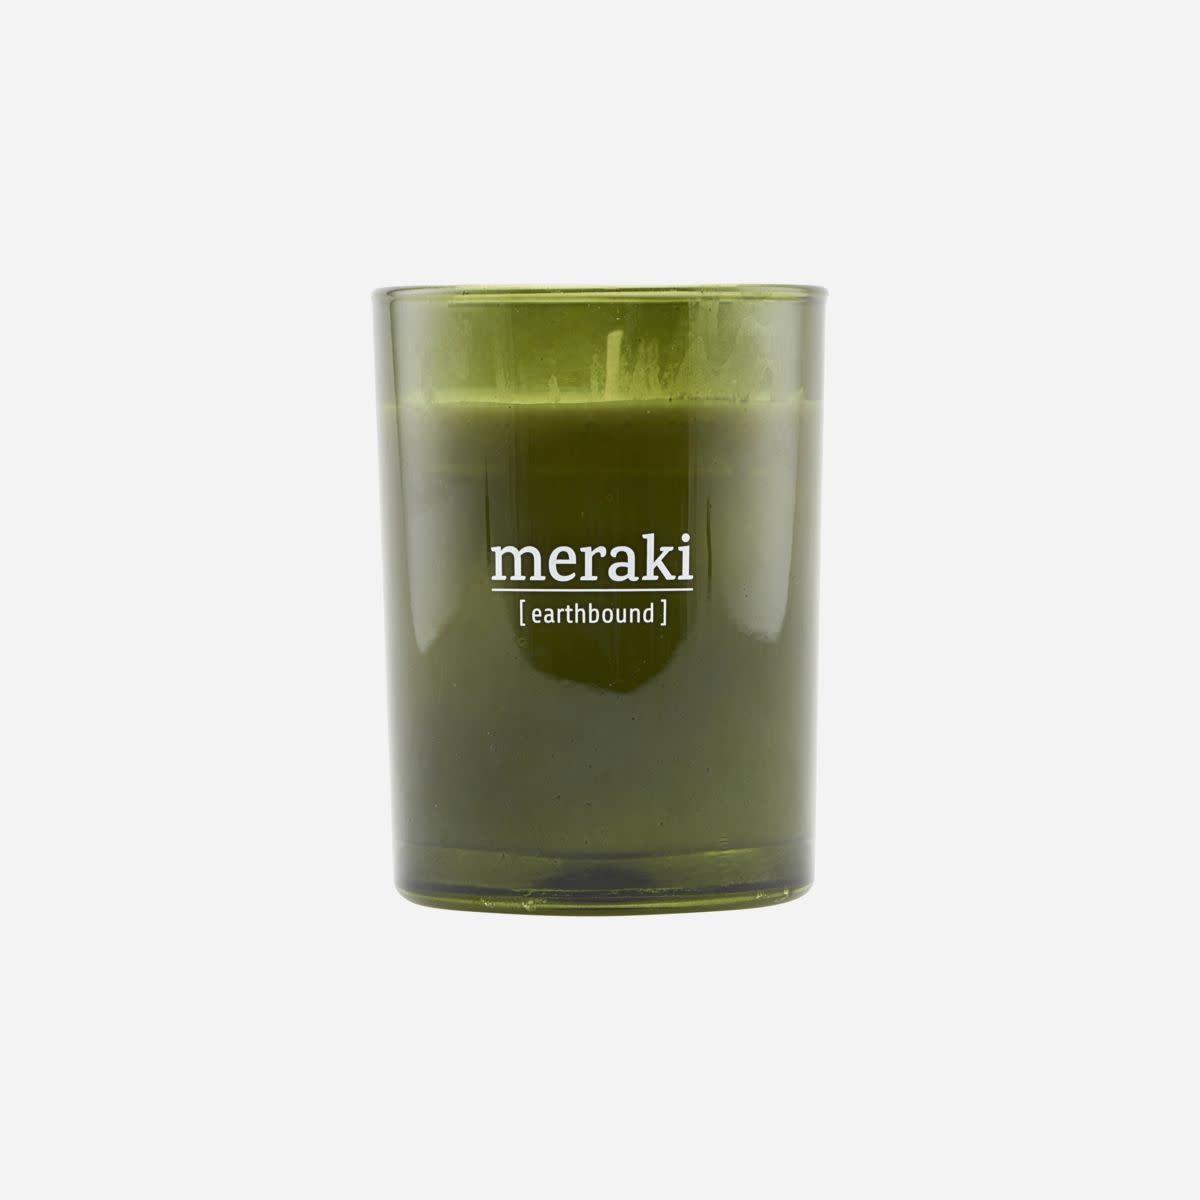 Meraki Meraki scented candle earthbound 8 x 10,5 cm